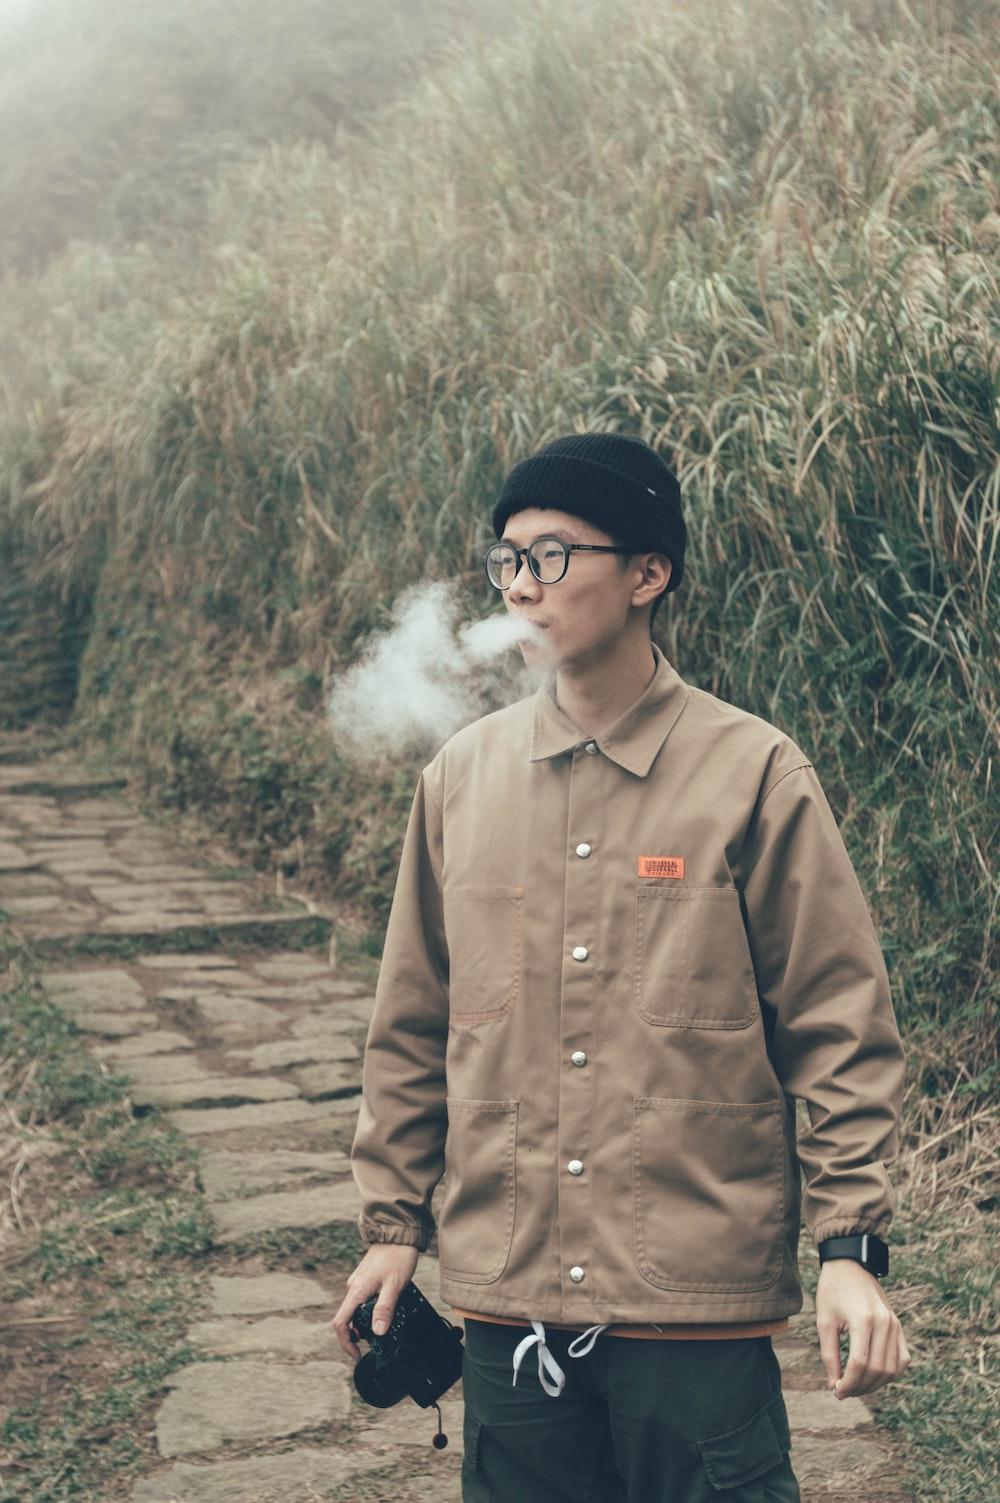 man standing on pathway while smoking